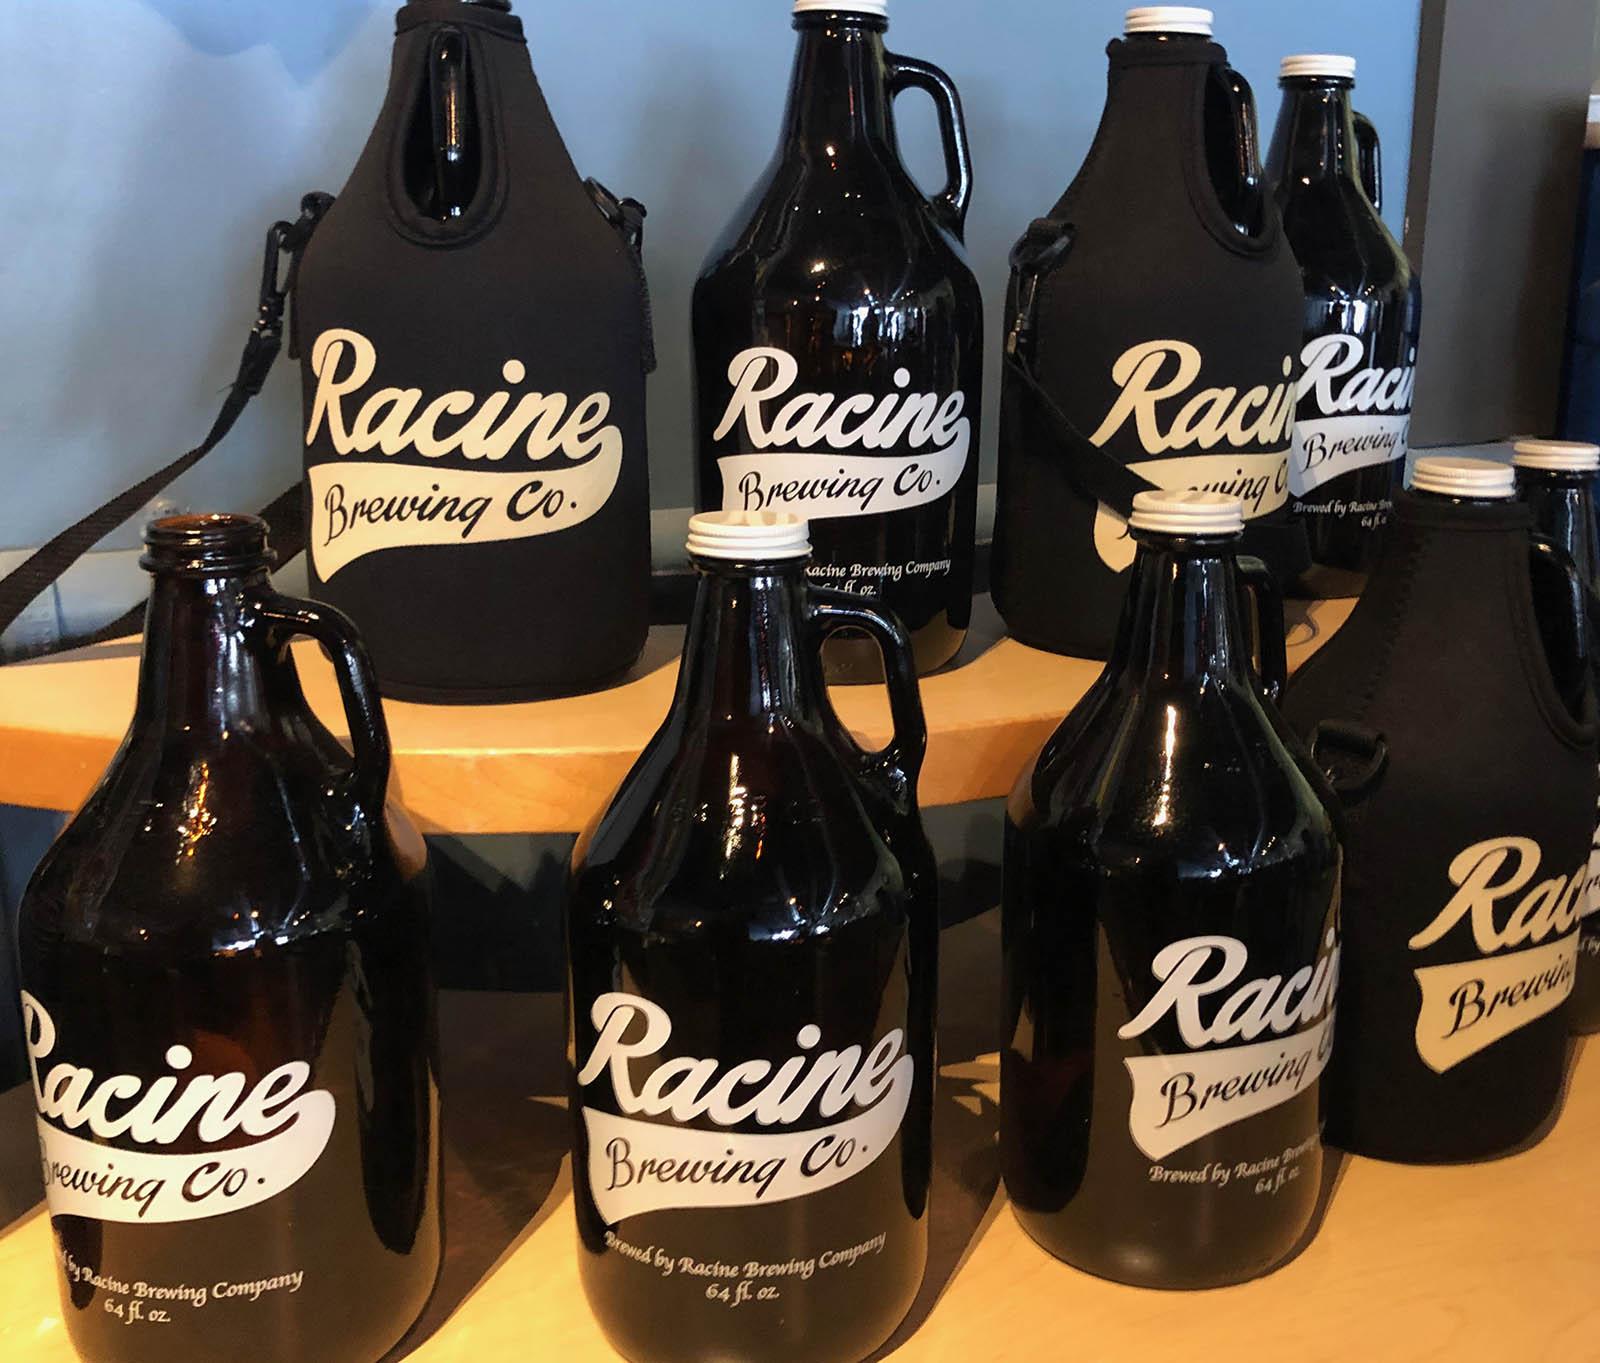 Racine Brewing